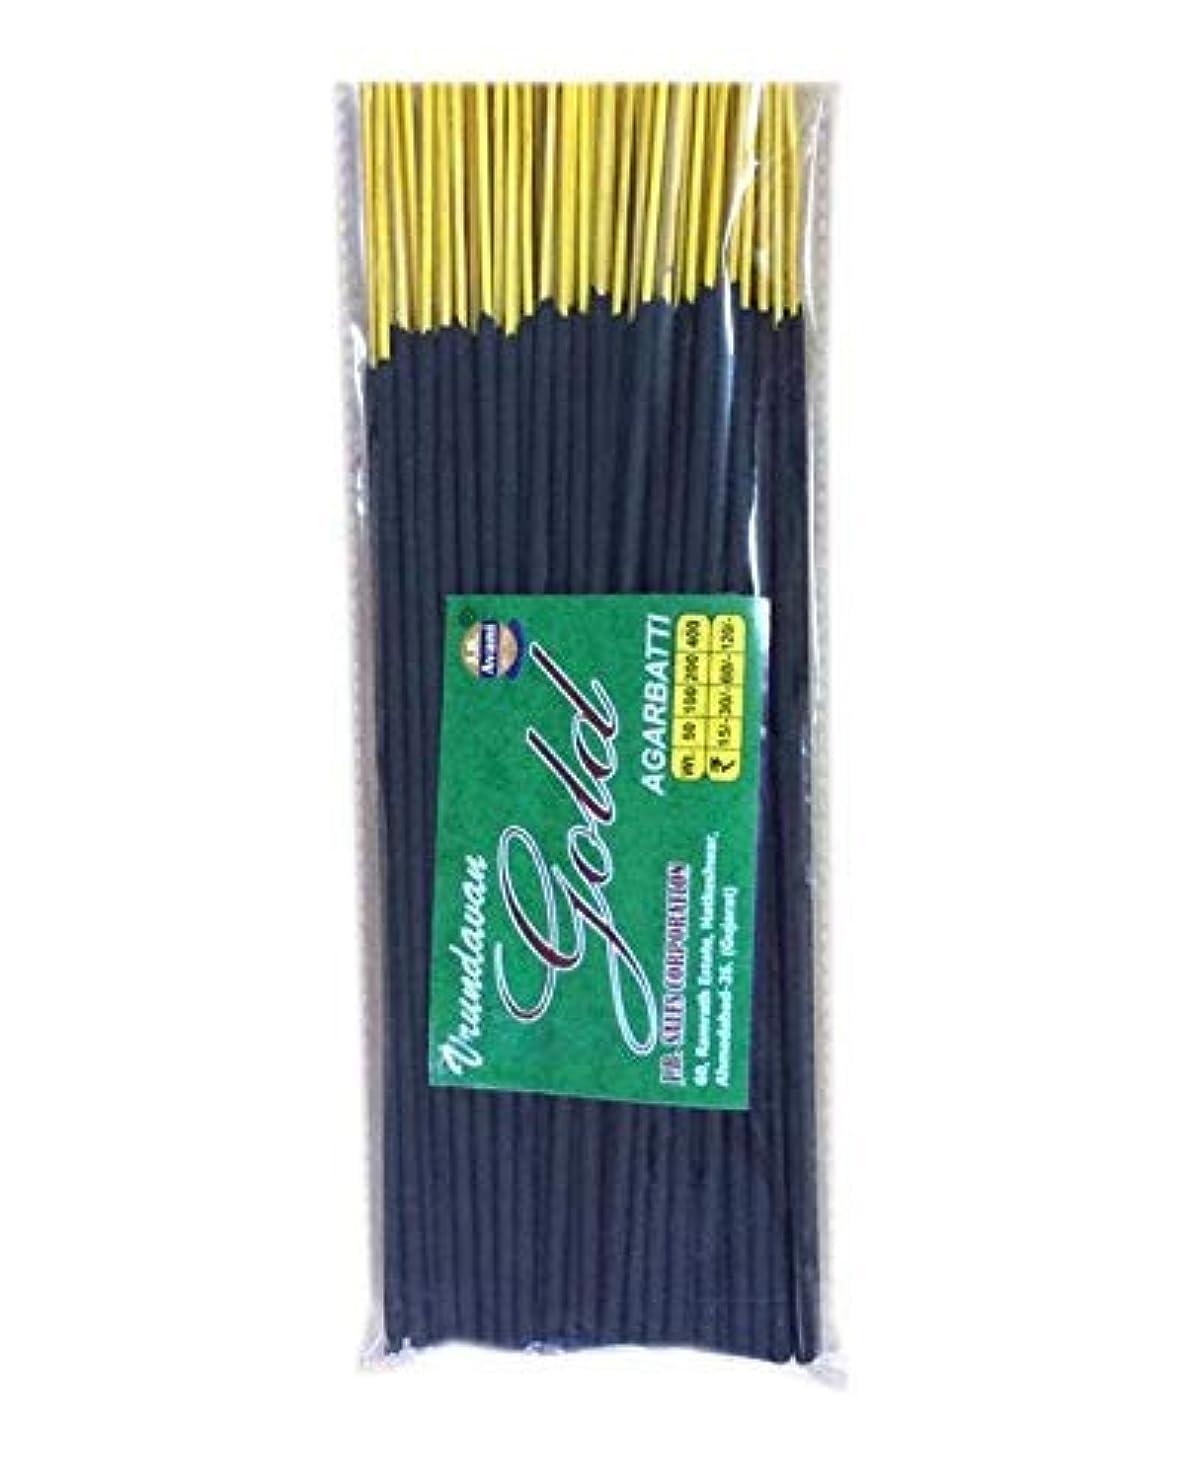 苦情文句しない読書をするAvani Gold Incense Stick/Agarbatti (400 Gm. Pack)